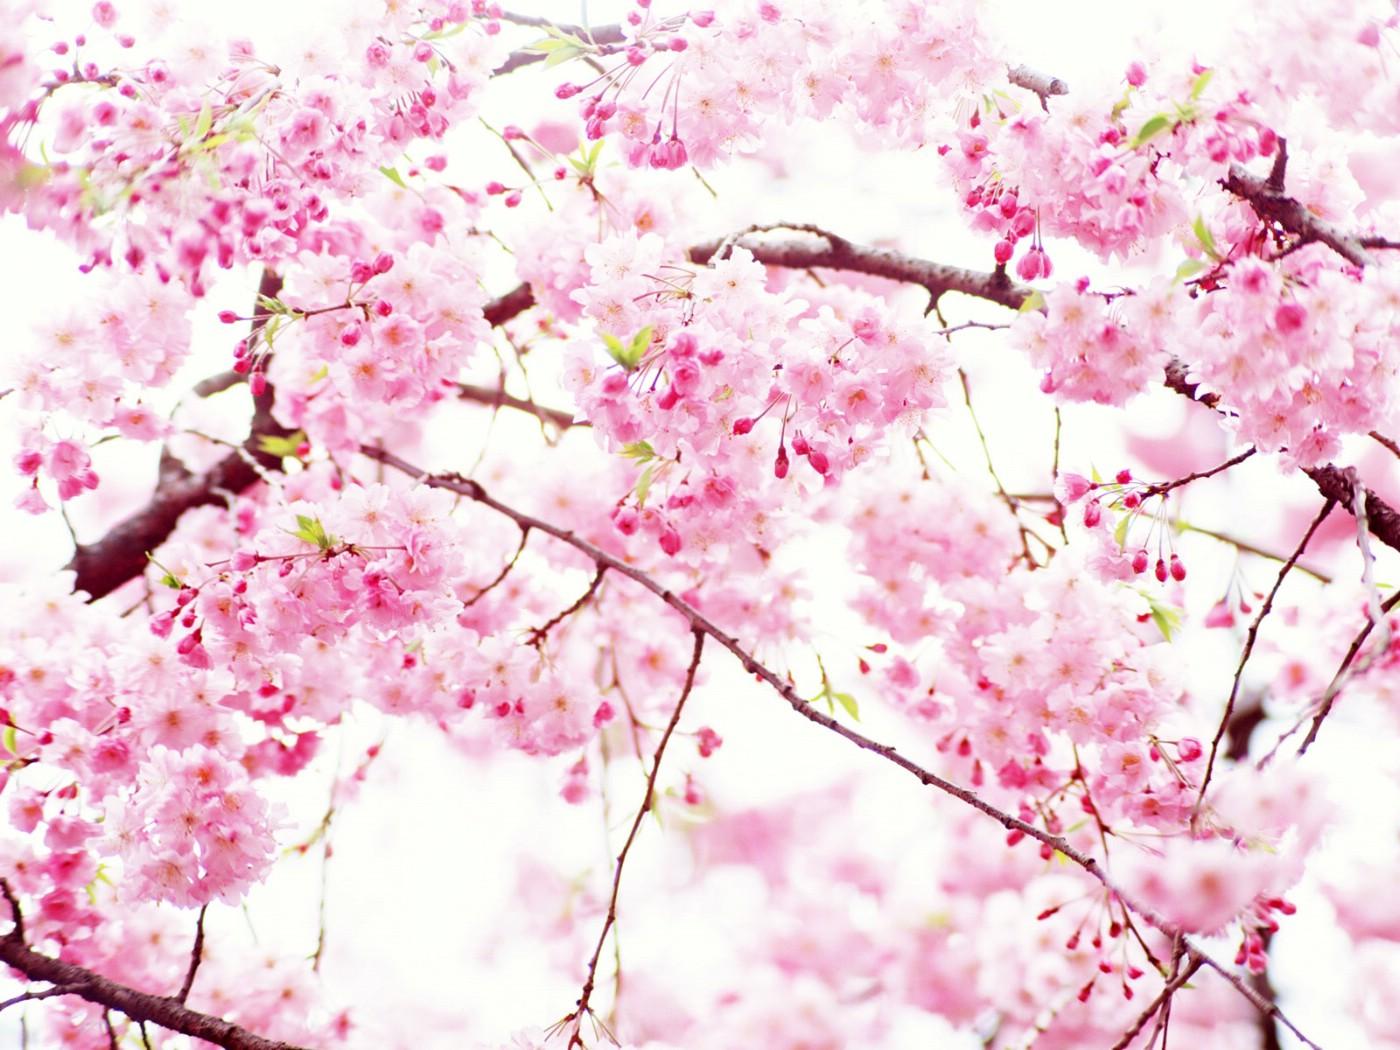 壁纸1400×1050山花烂漫 2 1壁纸 山花烂漫壁纸图片花卉壁纸花卉图片素材桌面壁纸